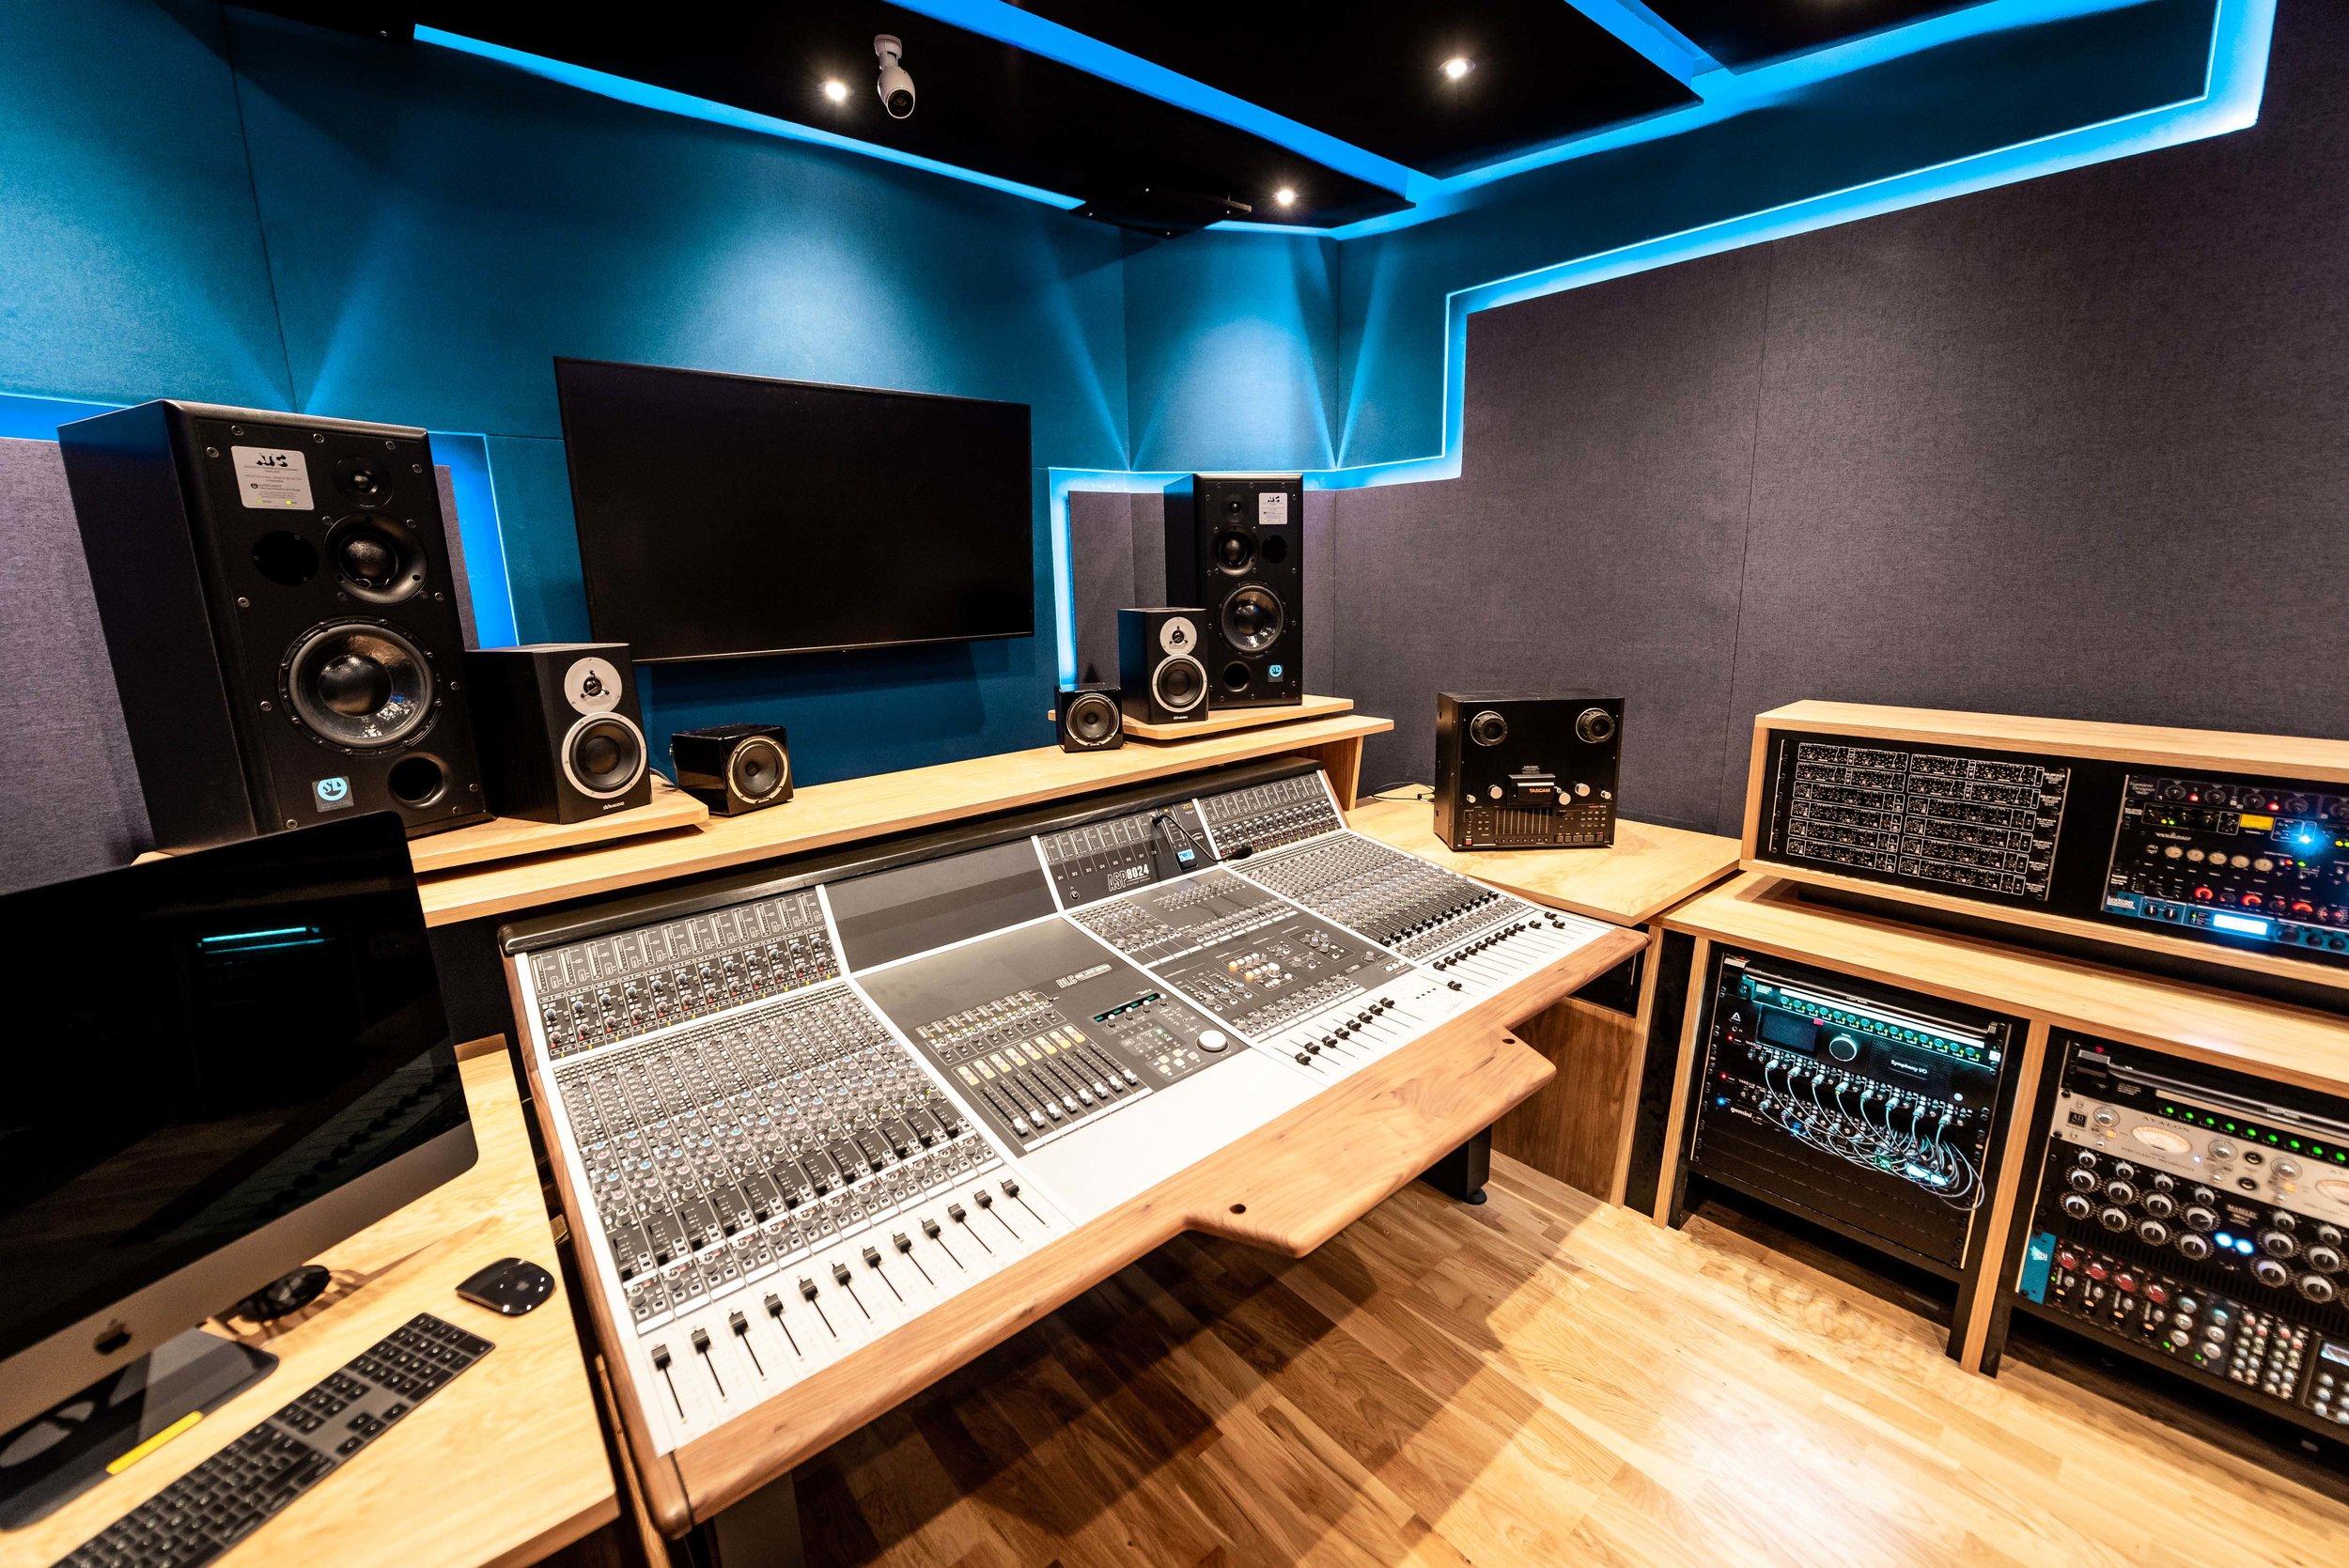 Music Recording Facilities at UCA Farnham, based around the Audient ASP8024